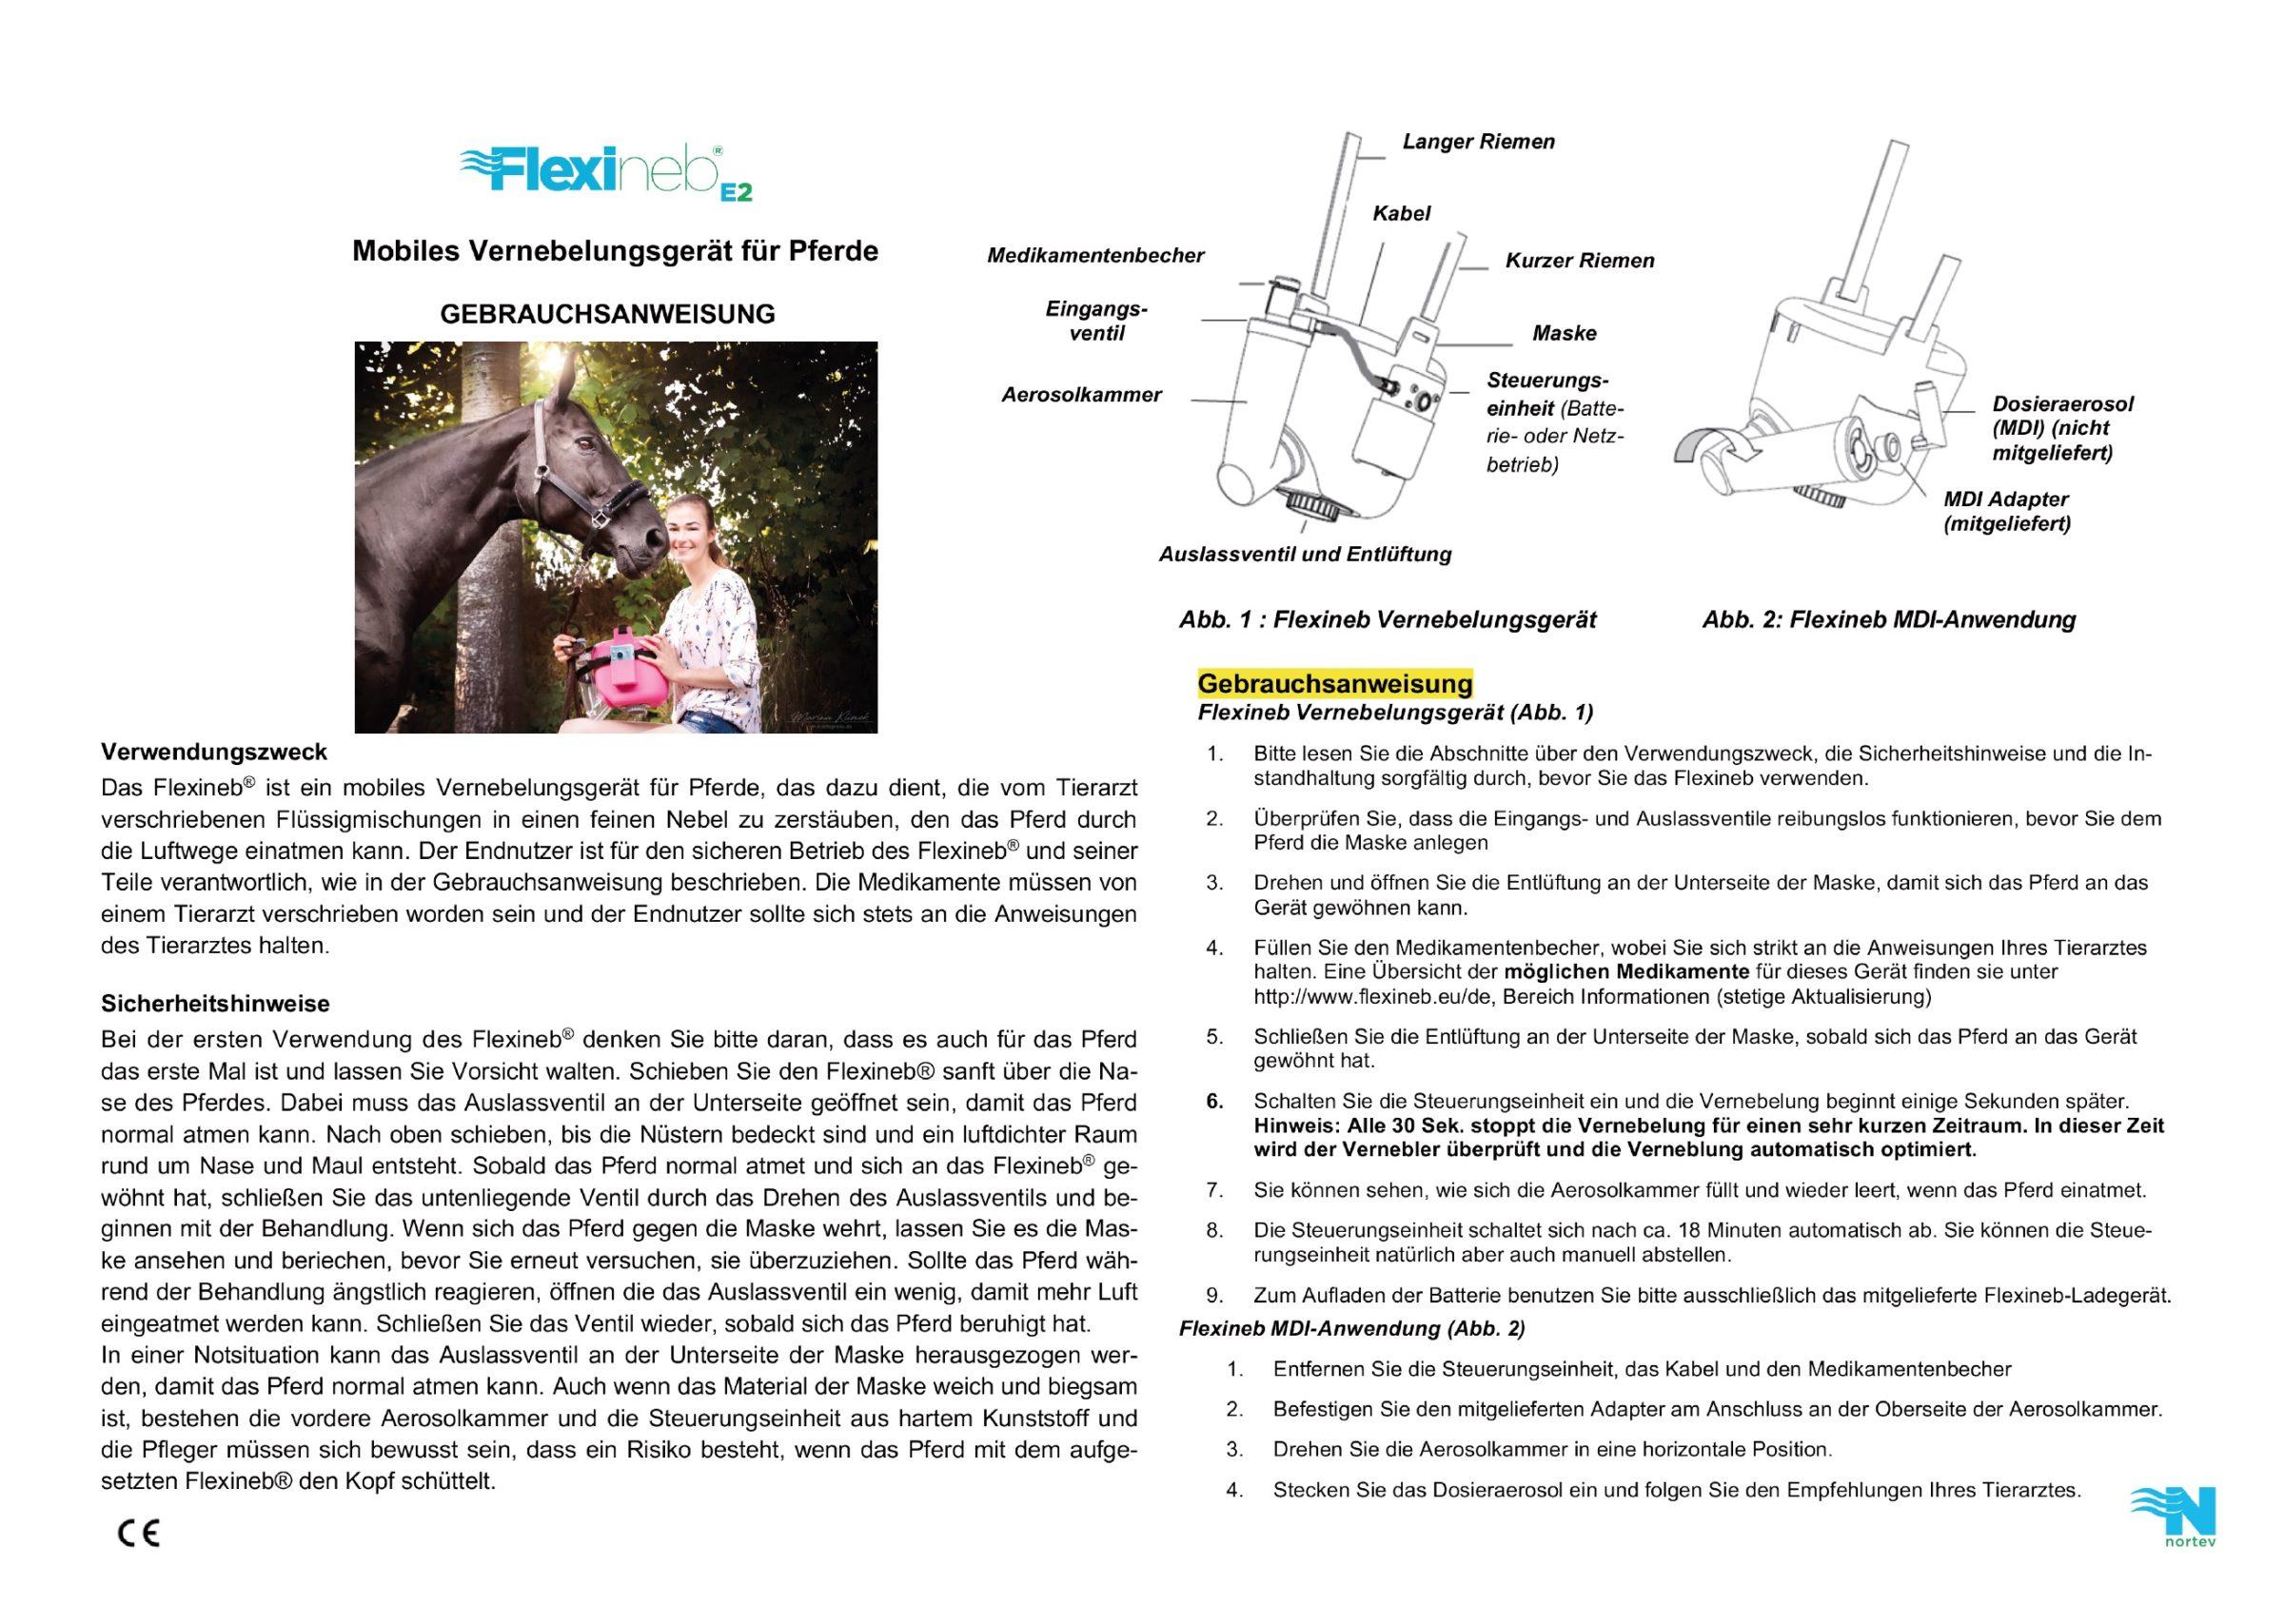 Gebrauchsanweisung Flexineb E2 De 06 19 1